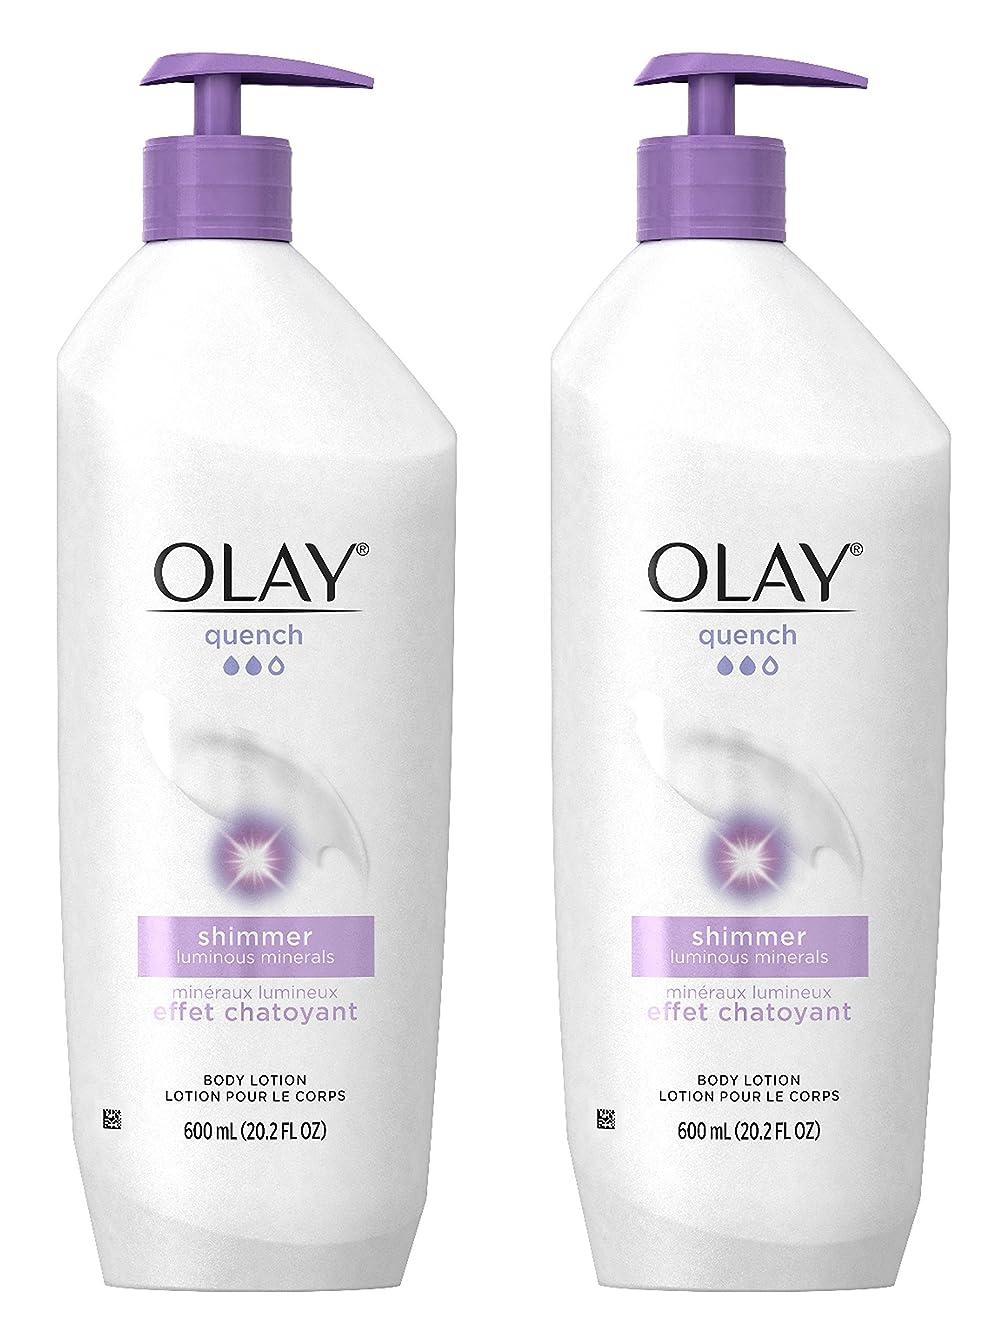 漁師人気の絶縁するOlay Quench Daily Lotion Plus Shimmer Body Lotion 20.2 Fl Oz (Pack of 2) by Olay [並行輸入品]